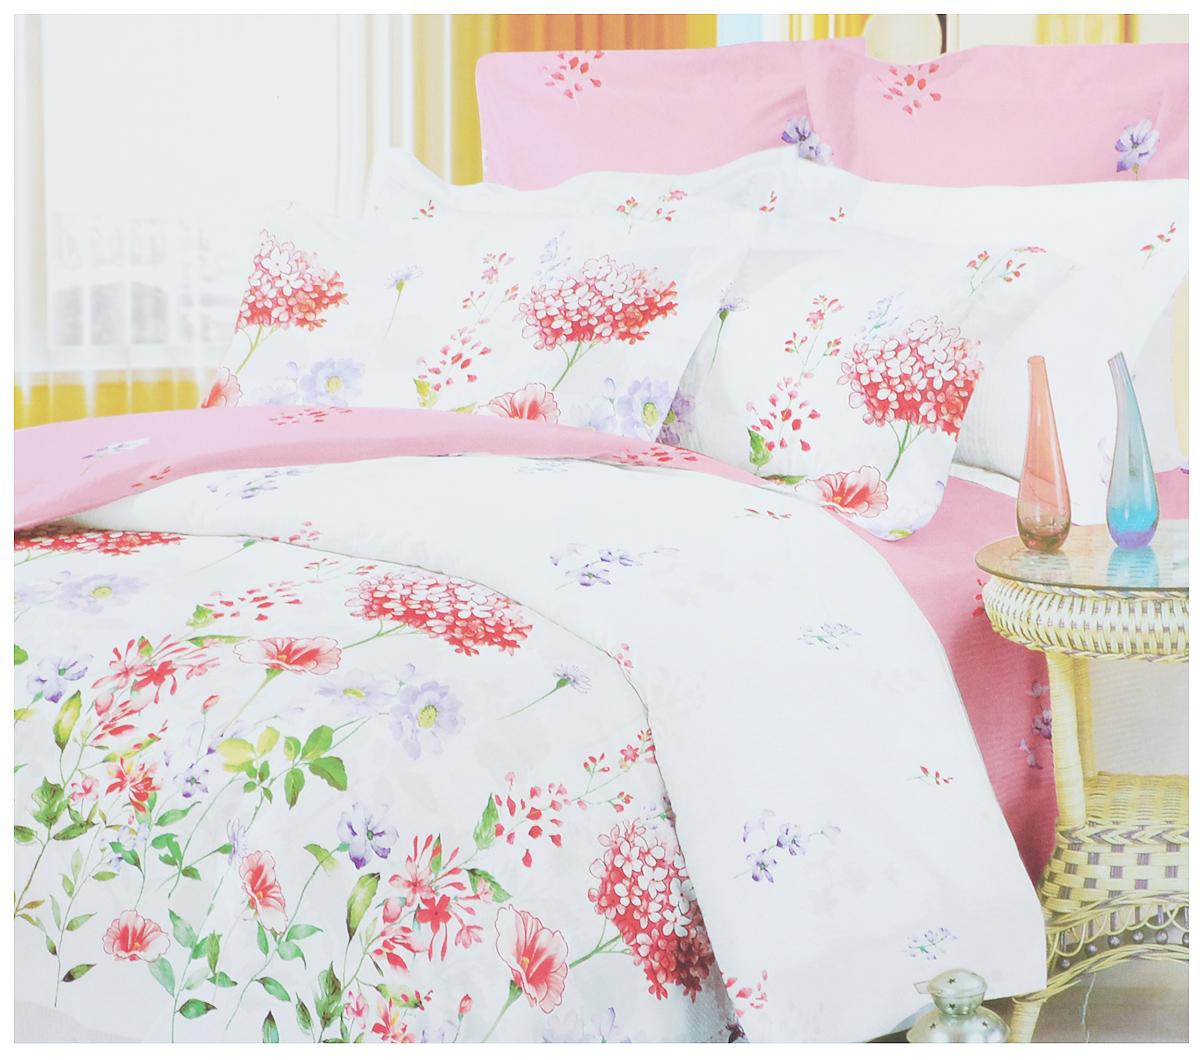 Комплект белья Primavera Утро, 1,5-спальный, наволочки 70x70, цвет: розовый, белый88263_розовыйРоскошный комплект постельного белья Primavera Утро выполнен из качественного плотного сатина и украшен оригинальным цветочным рисунком. Комплект состоит из пододеяльника, простыни и двух наволочек. Сатин - это ткань из 100% натурального хлопка. Мягкость и нежность материала создает чувство комфорта и защищенности. Классический натуральный природный материал делает это постельное белье нежным, элегантным и приятным. Приобретая комплект постельного белья Primavera Утро, вы можете быть уверены в том, что покупка доставит вам и вашим близким удовольствие и подарит максимальный комфорт.